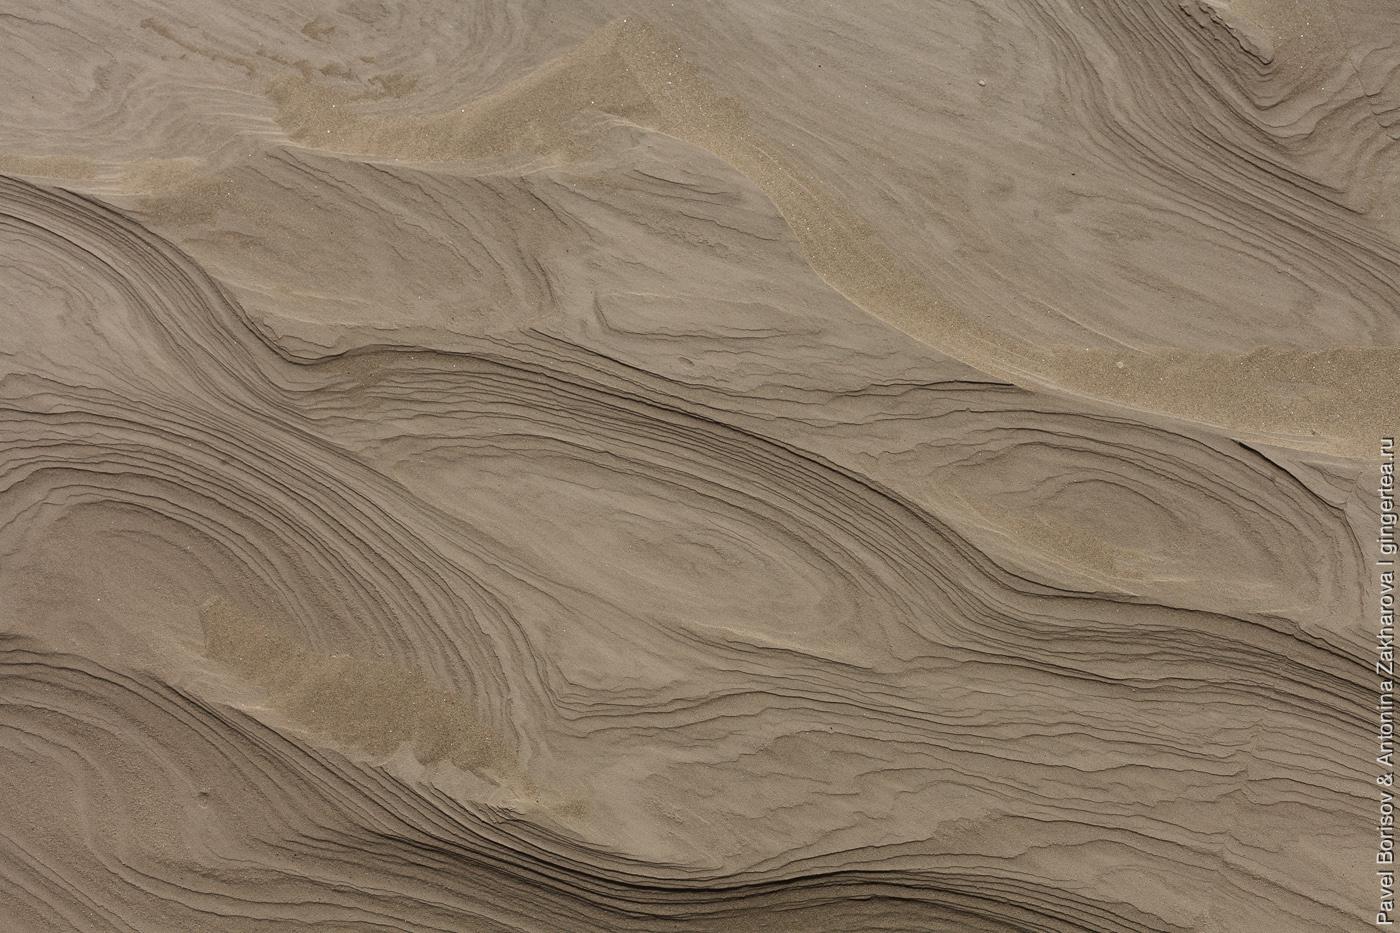 эрозия в пустыне